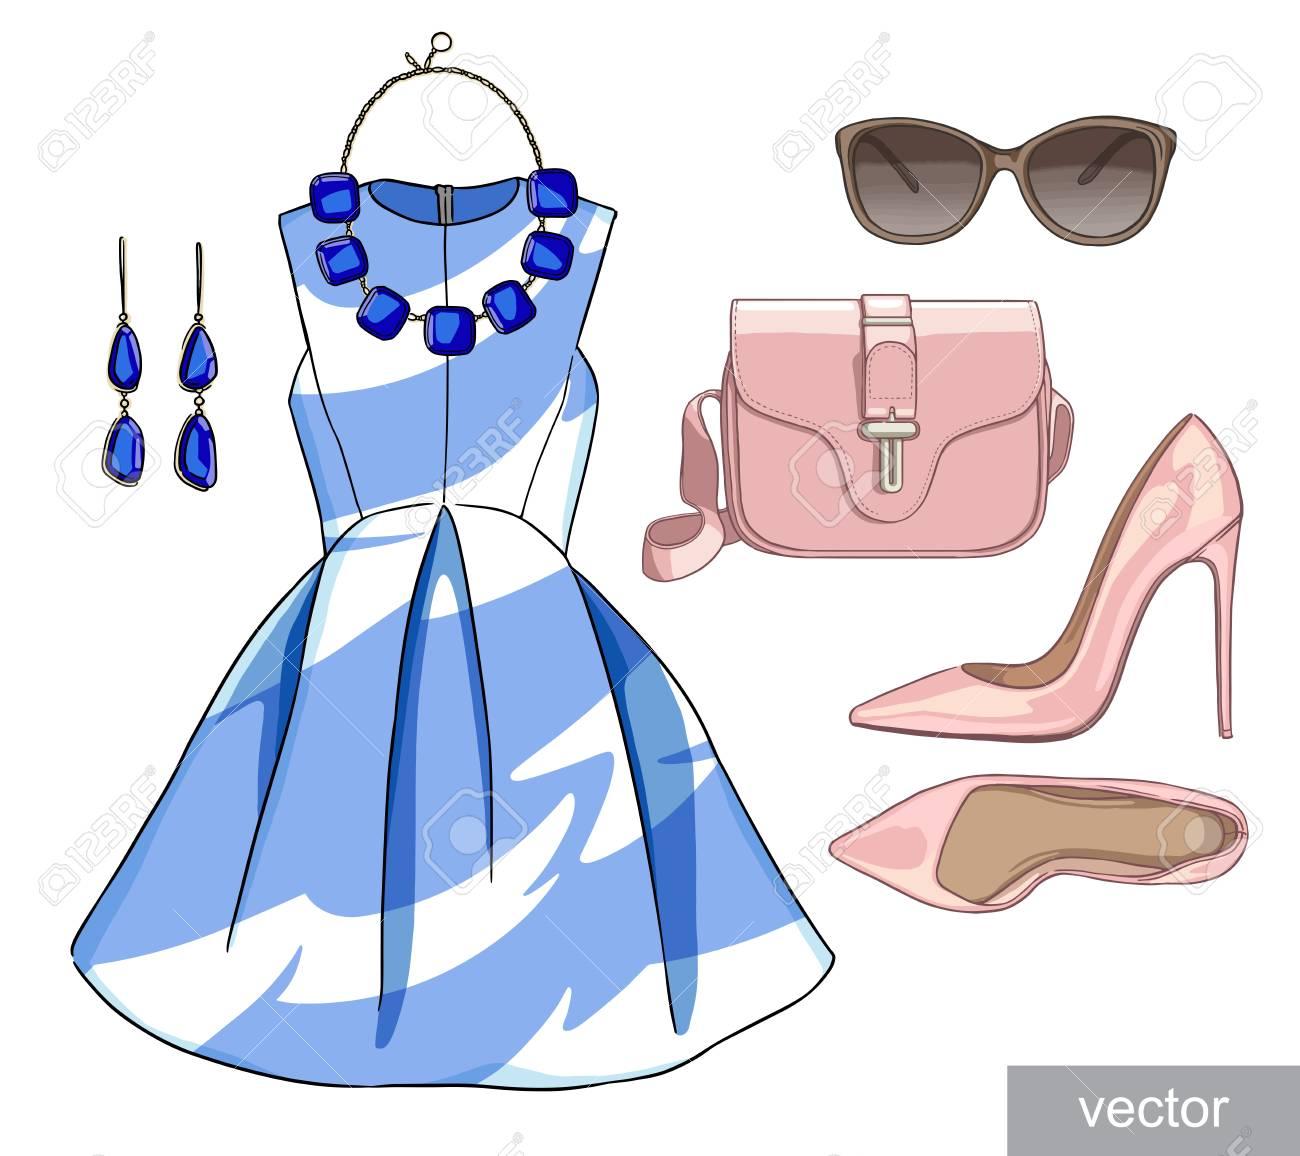 e337aeba0 Dama de la moda conjunto de traje de la temporada de primavera. Ilustración  estilo y de moda de ropa. Vestido, bolso, accesorios, gafas de sol, ...